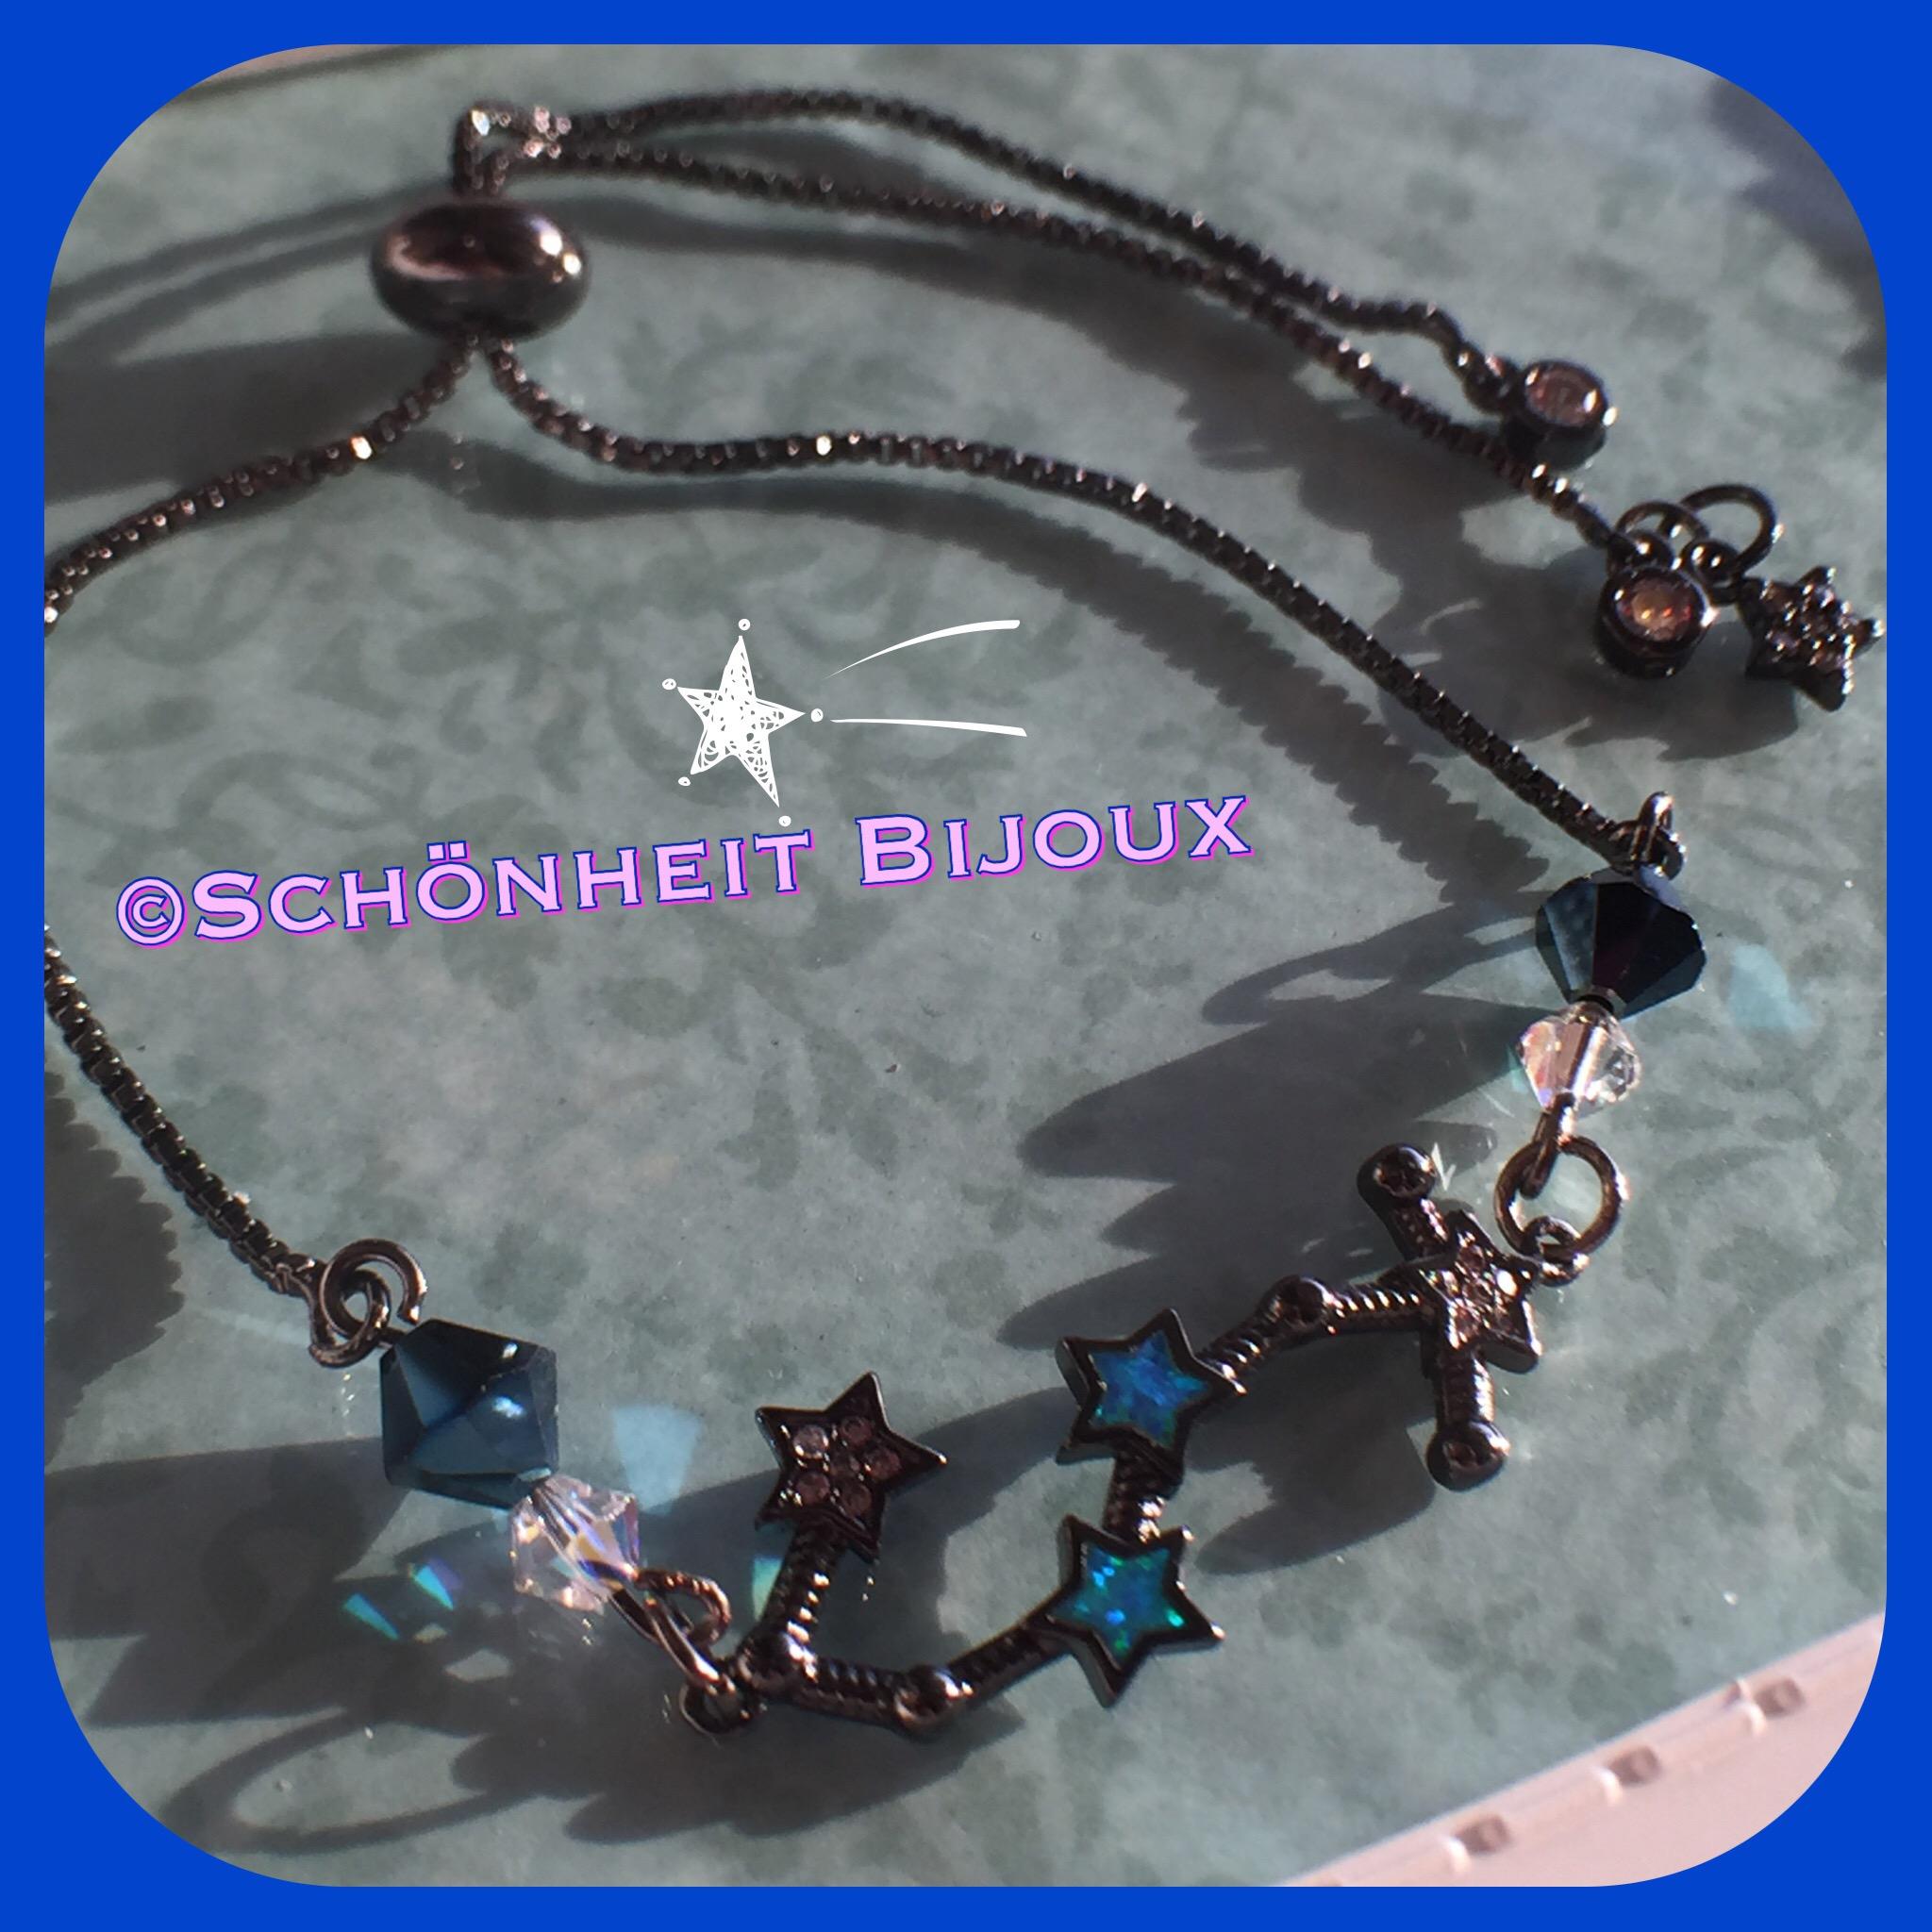 オパールとキュービック星座(さそり座)黒チャームブレスレット